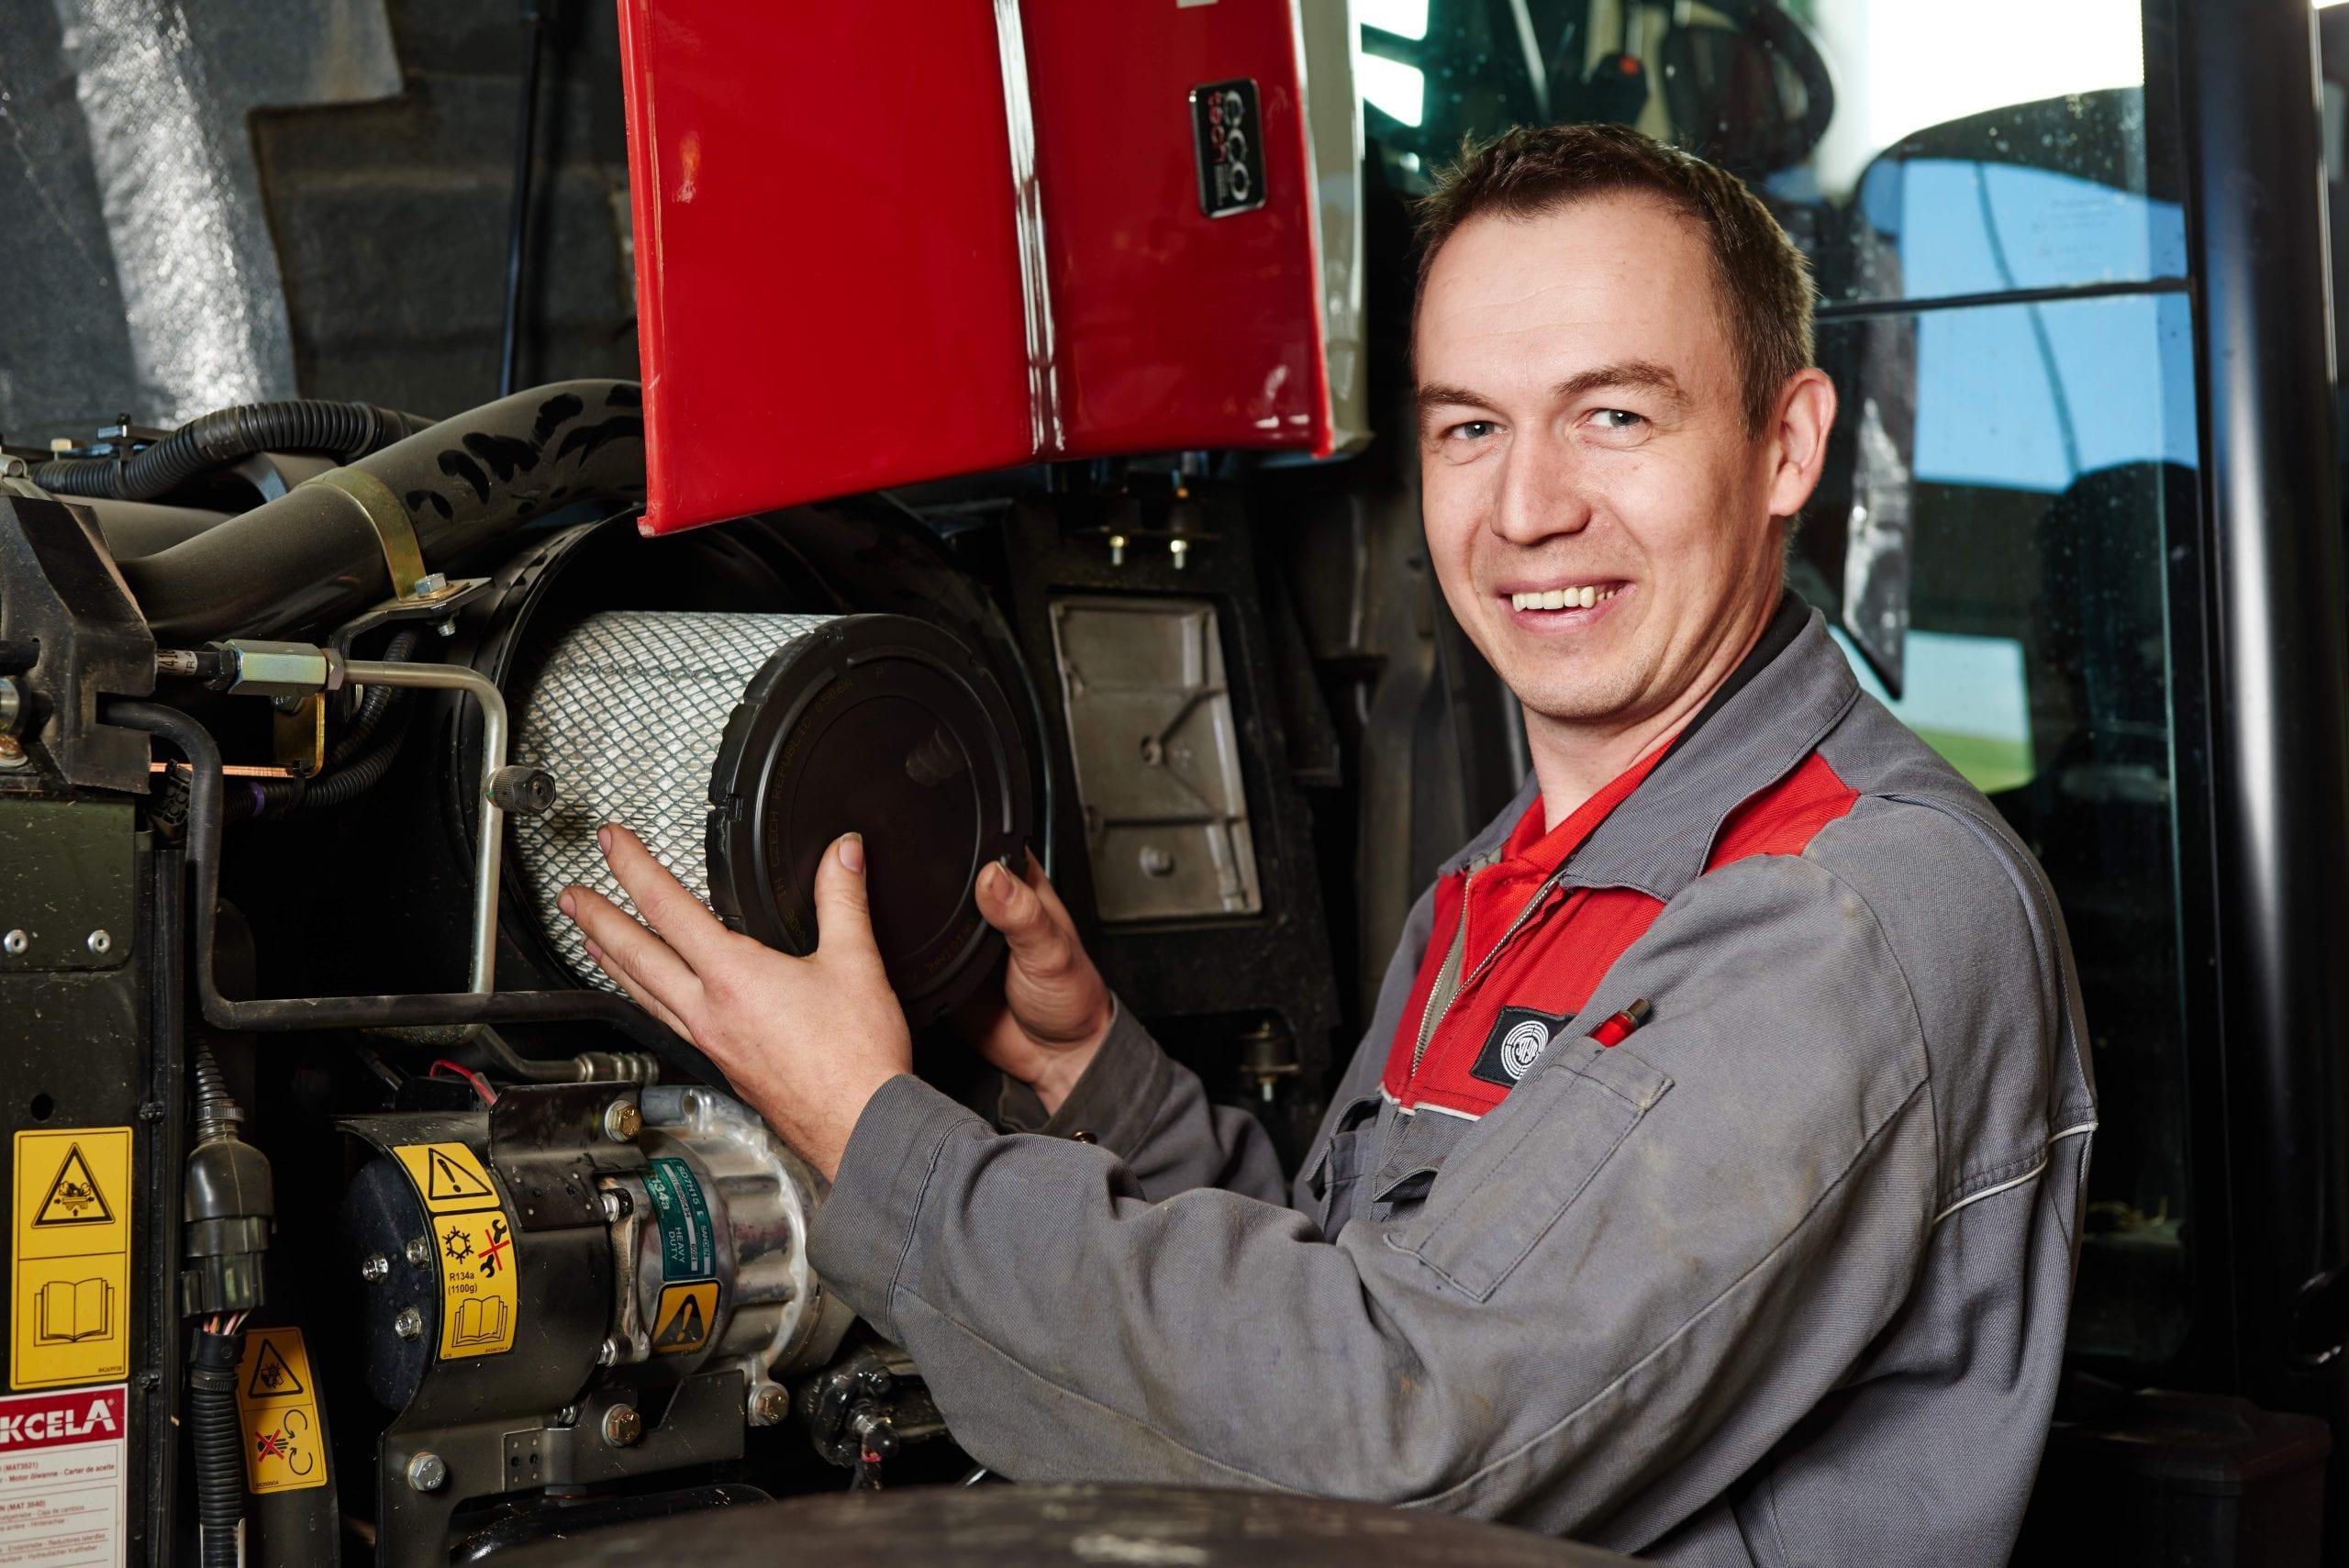 Wir suchen dich: Landmaschinentechnik Fachkraft (m/w)